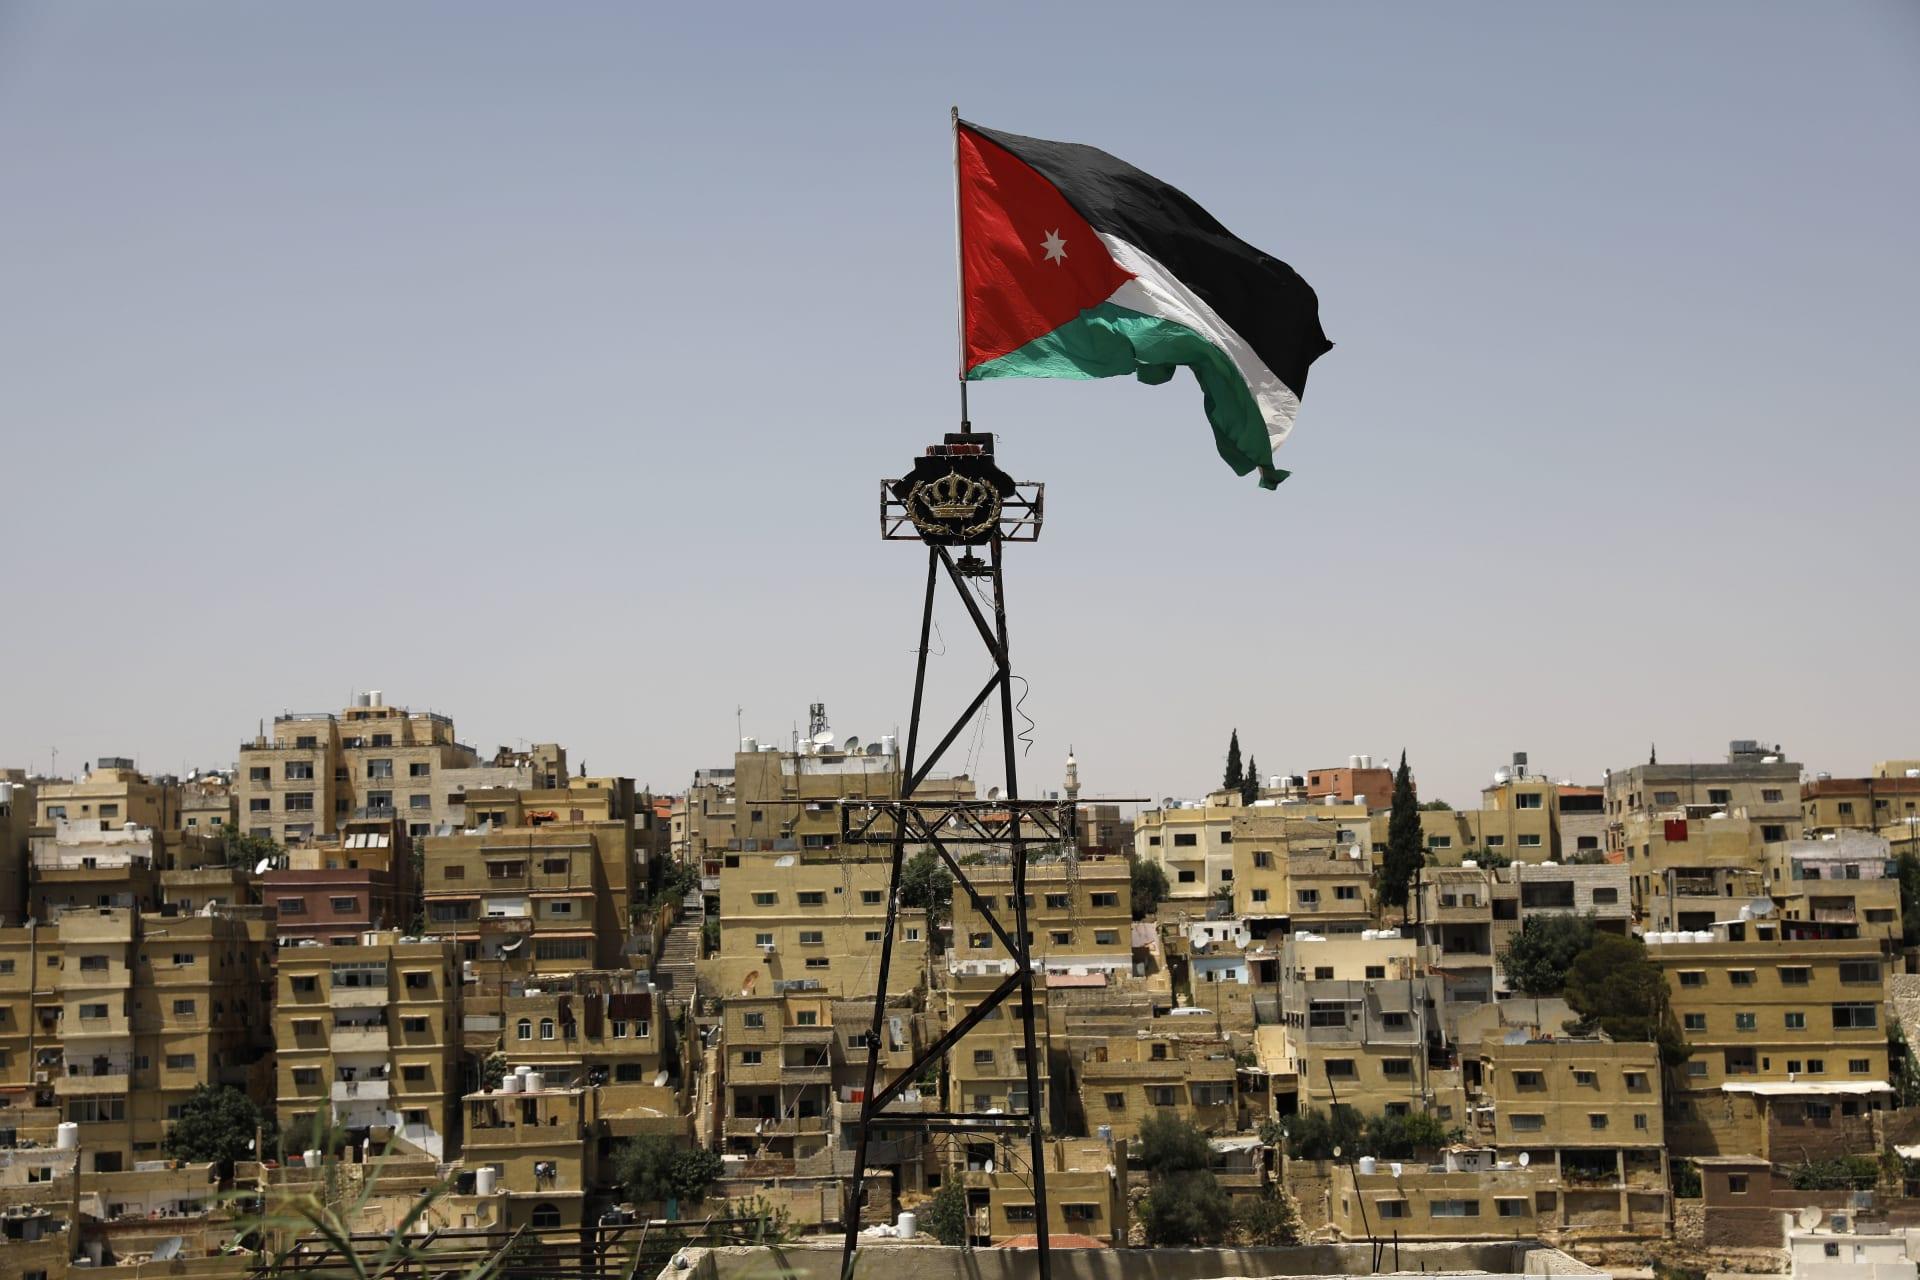 الجيش الأردني: طُلب من الأمير حمزة بن الحسين التوقف عن نشاطات تستهدف أمن الأردن واستقراره